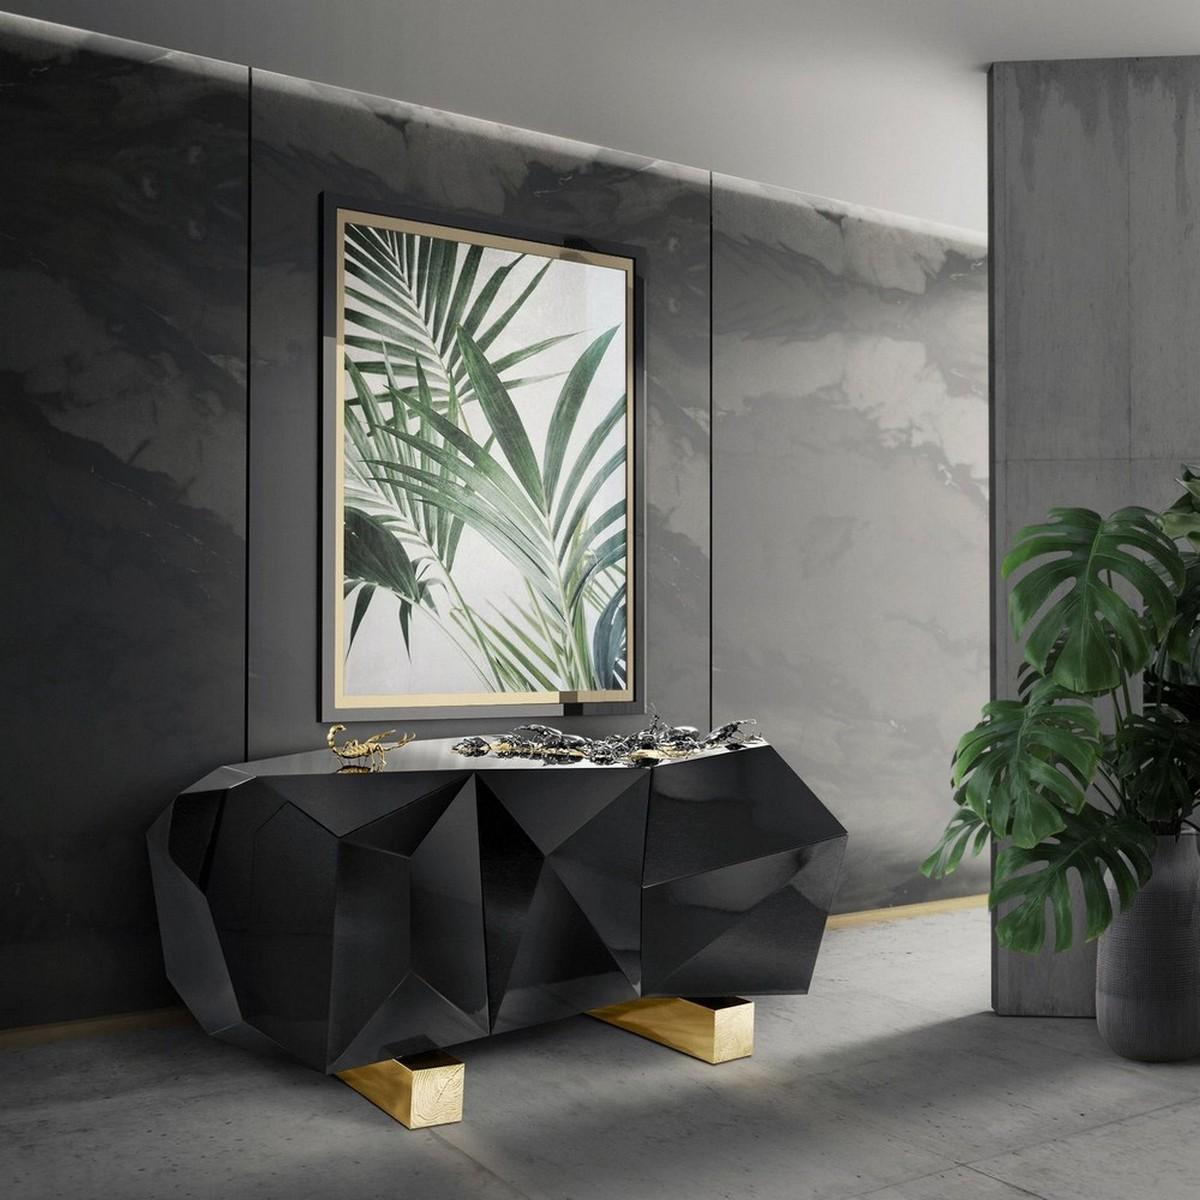 Aparadores lujuosos y elegantes: Color Negra es un misterio aparadores lujuosos Aparadores lujuosos y elegantes: Color Negra es un misterio 66254 12130536